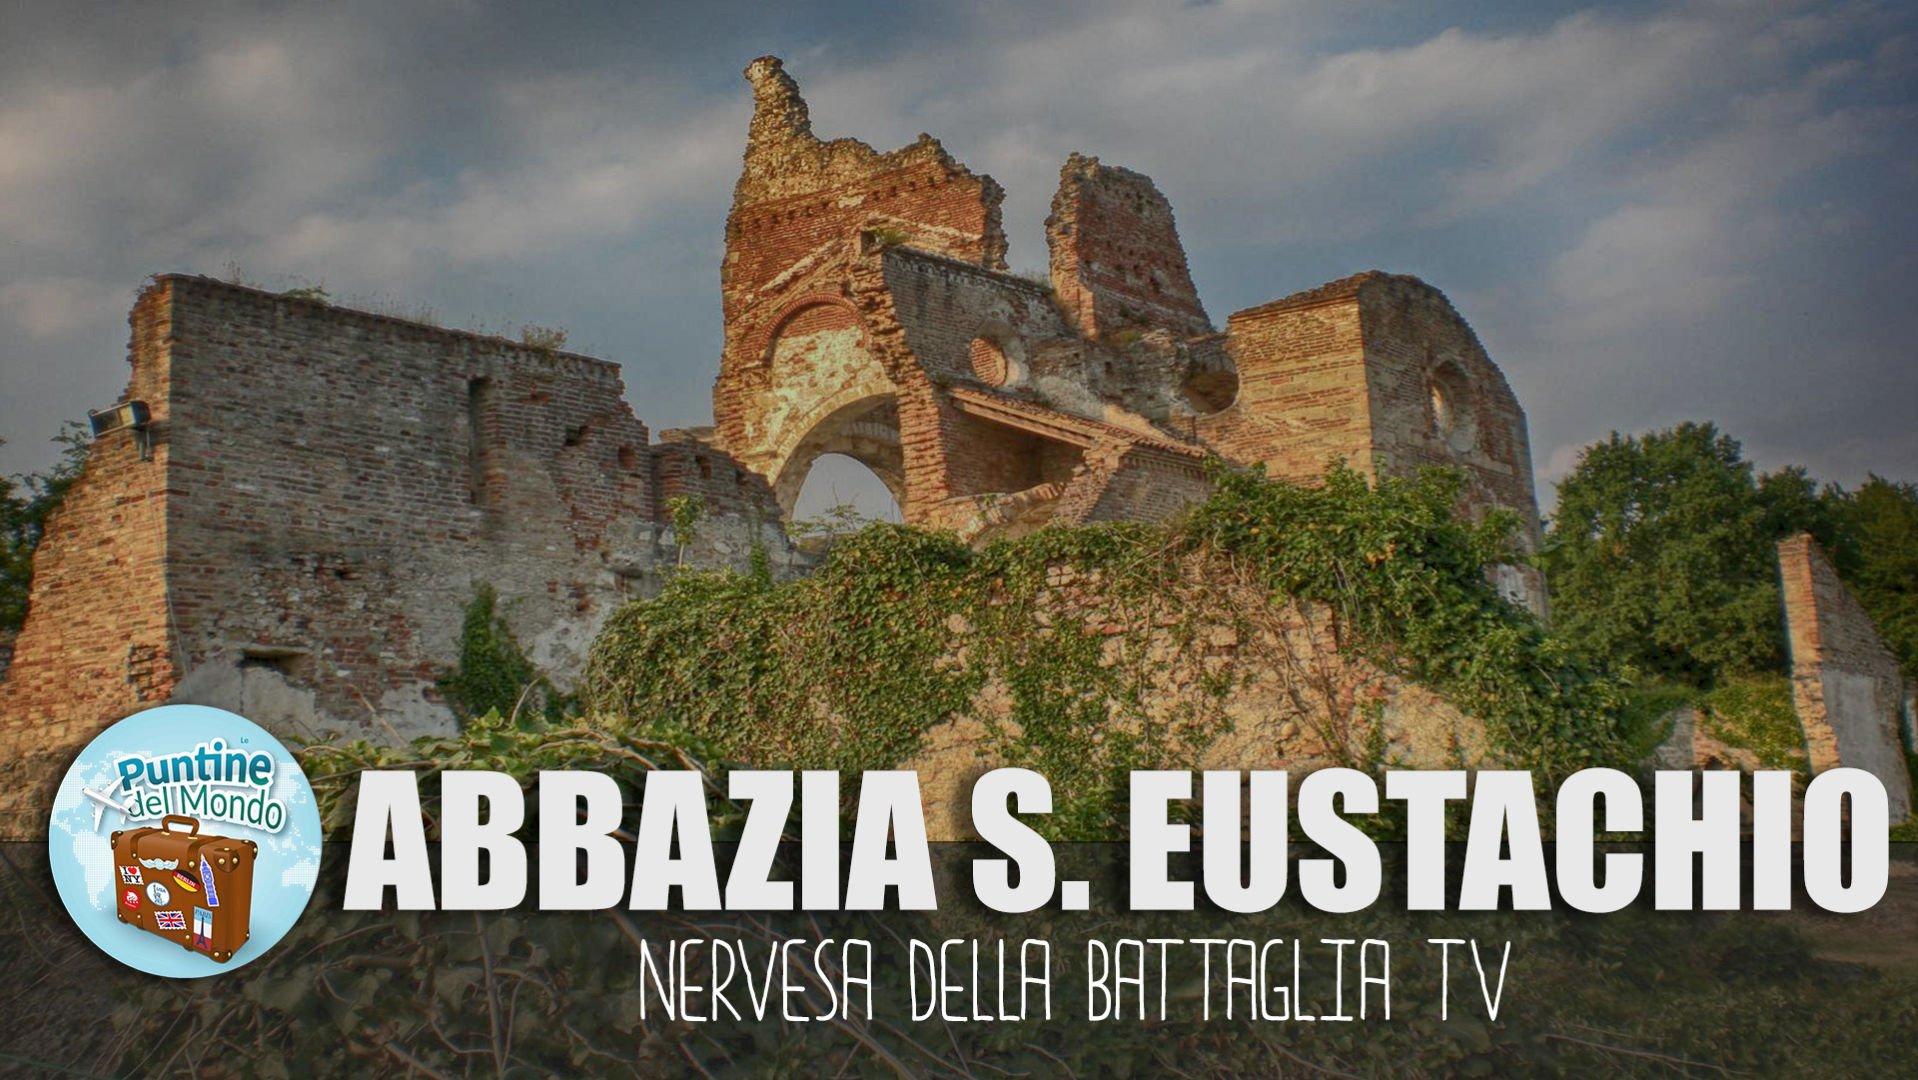 Abbazia di Sant'Eustachio a Nervesa della Battaglia TV in Camper